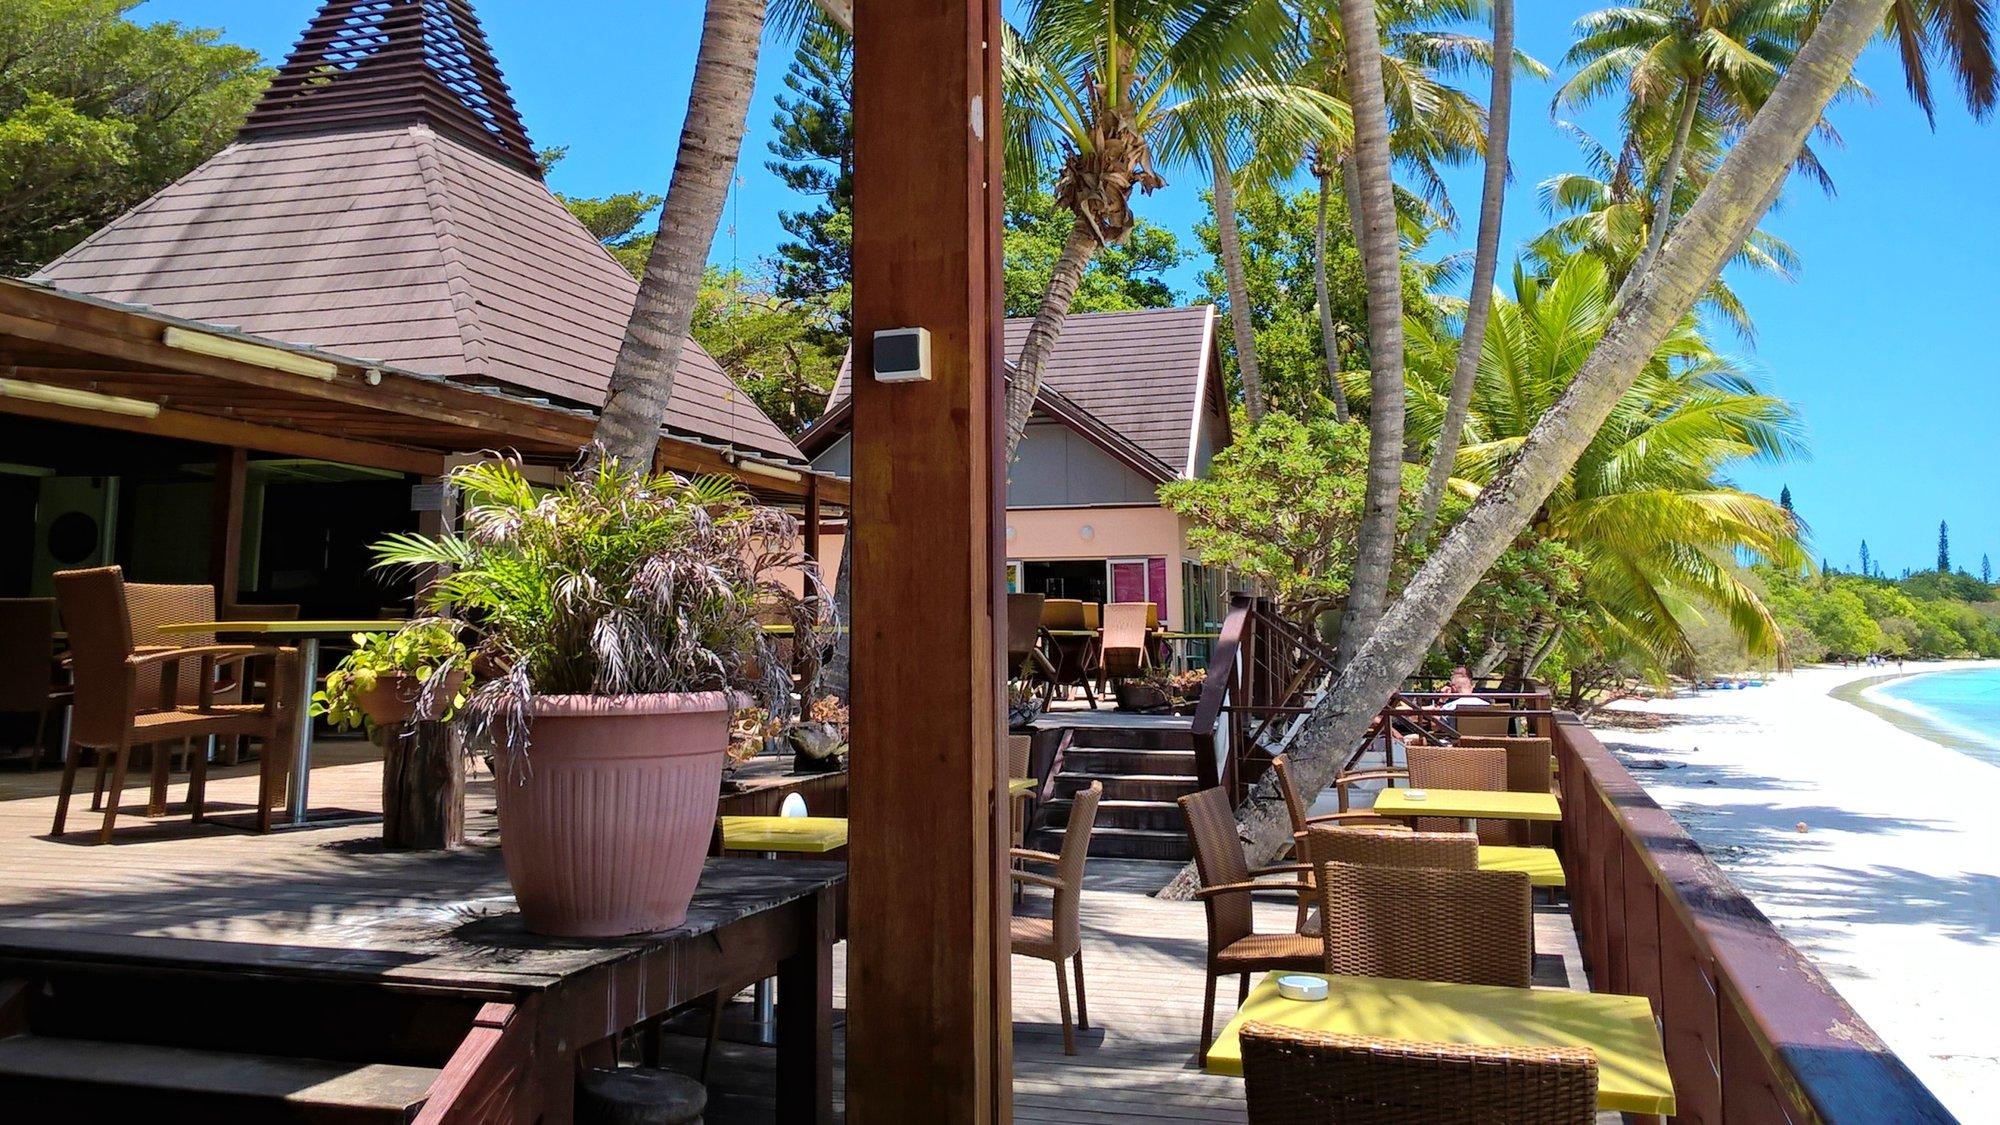 reštaurácia na pláži Kuto ponúka občerstvenie s nezabudnuteľným výhľadom na azúrové more